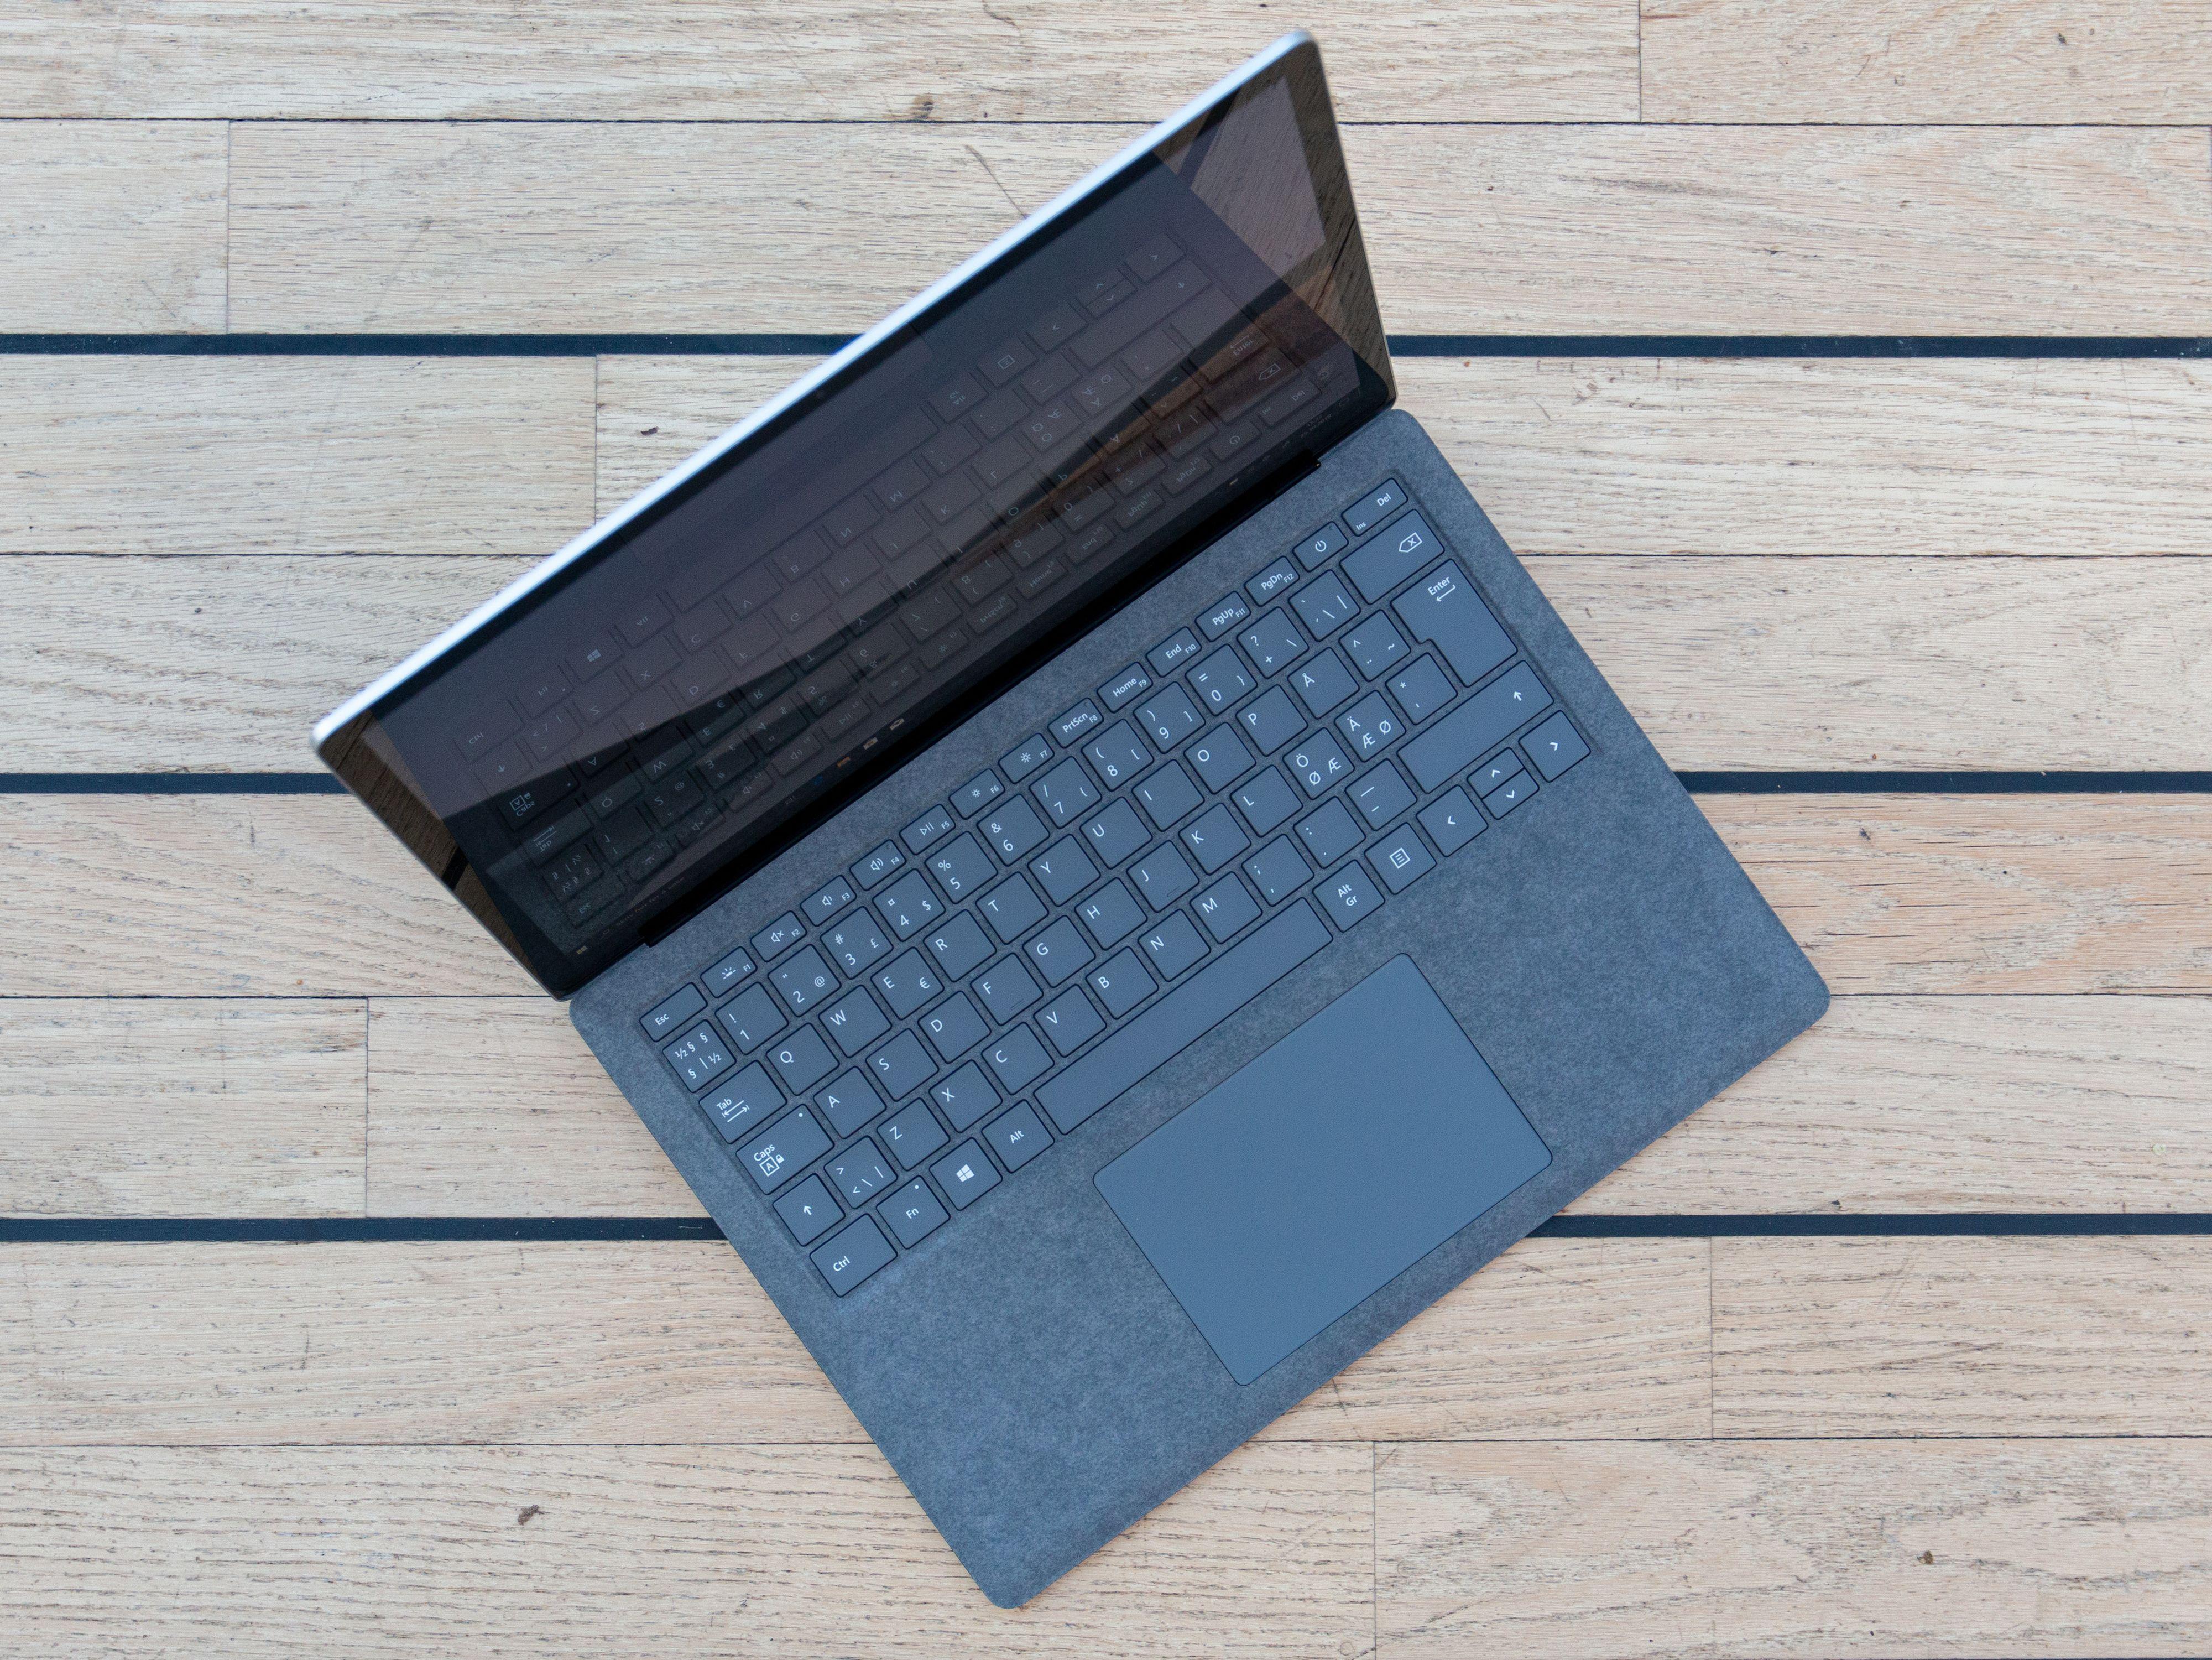 Tastaturet og den store pekeplaten er innertier.